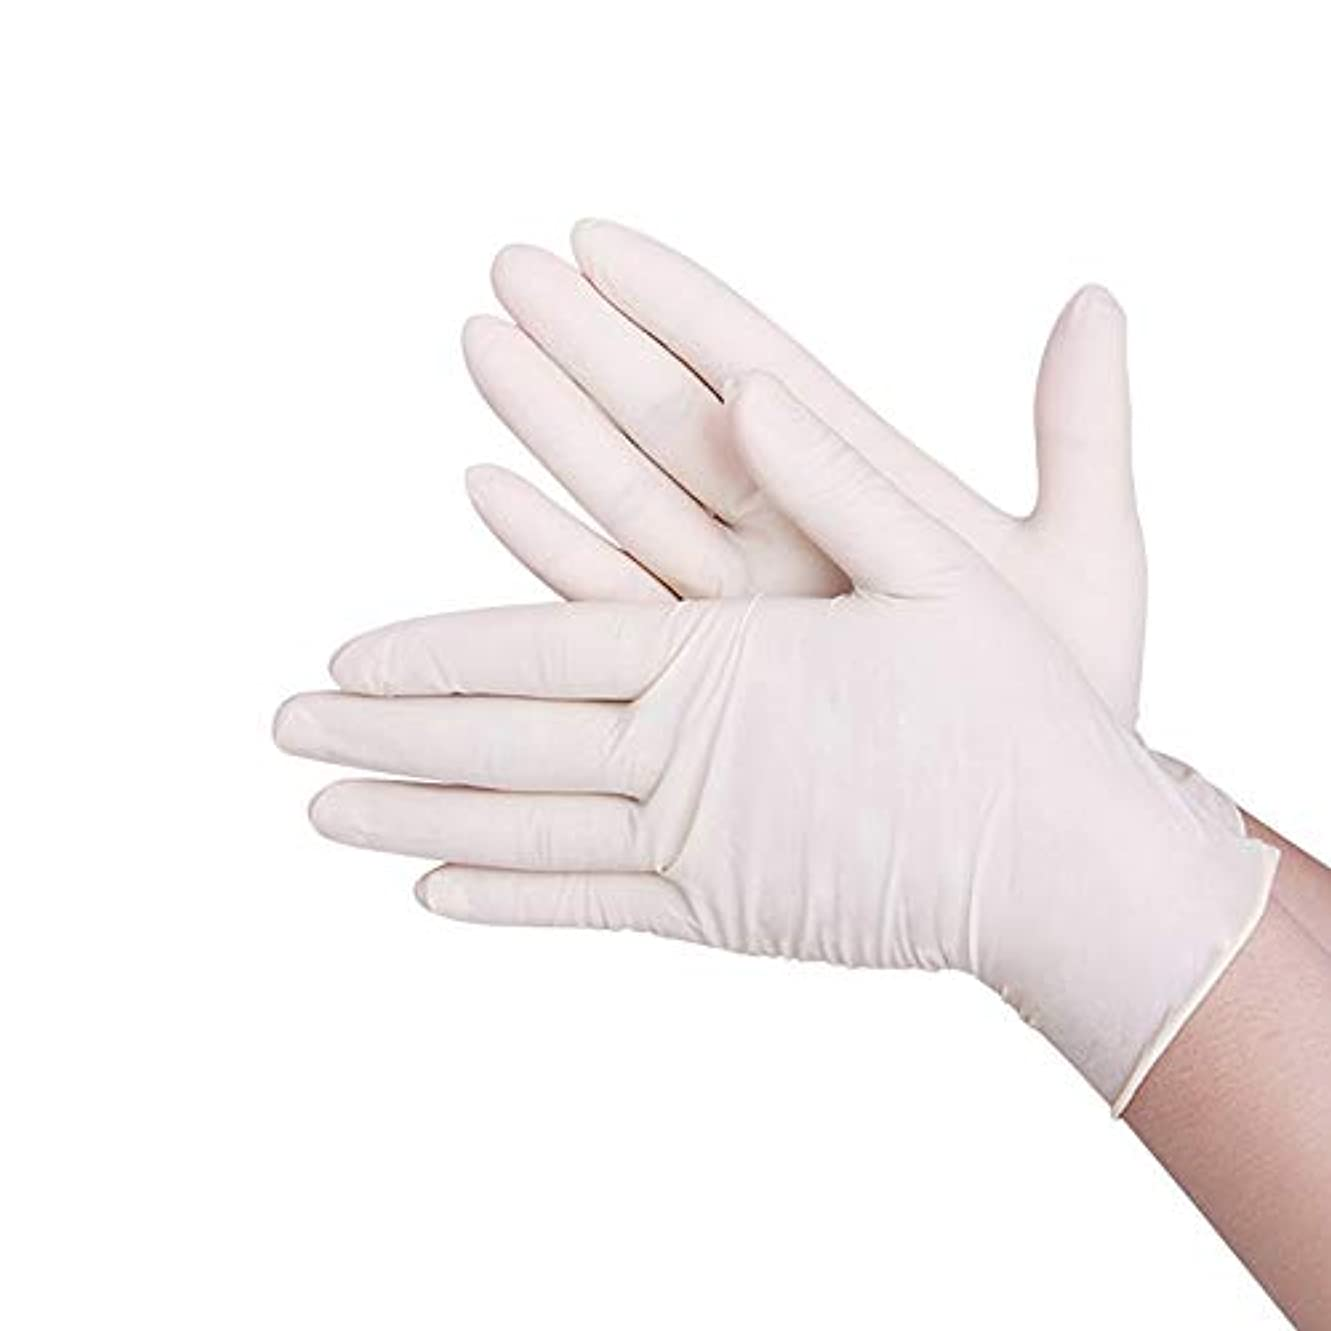 パラシュート典型的な省略する健康診断、歯科、診療所、口腔用の100対の使い捨て医療ゴム検査ラテックス手袋 YANW (色 : Milky white powder A grade, サイズ さいず : S s)